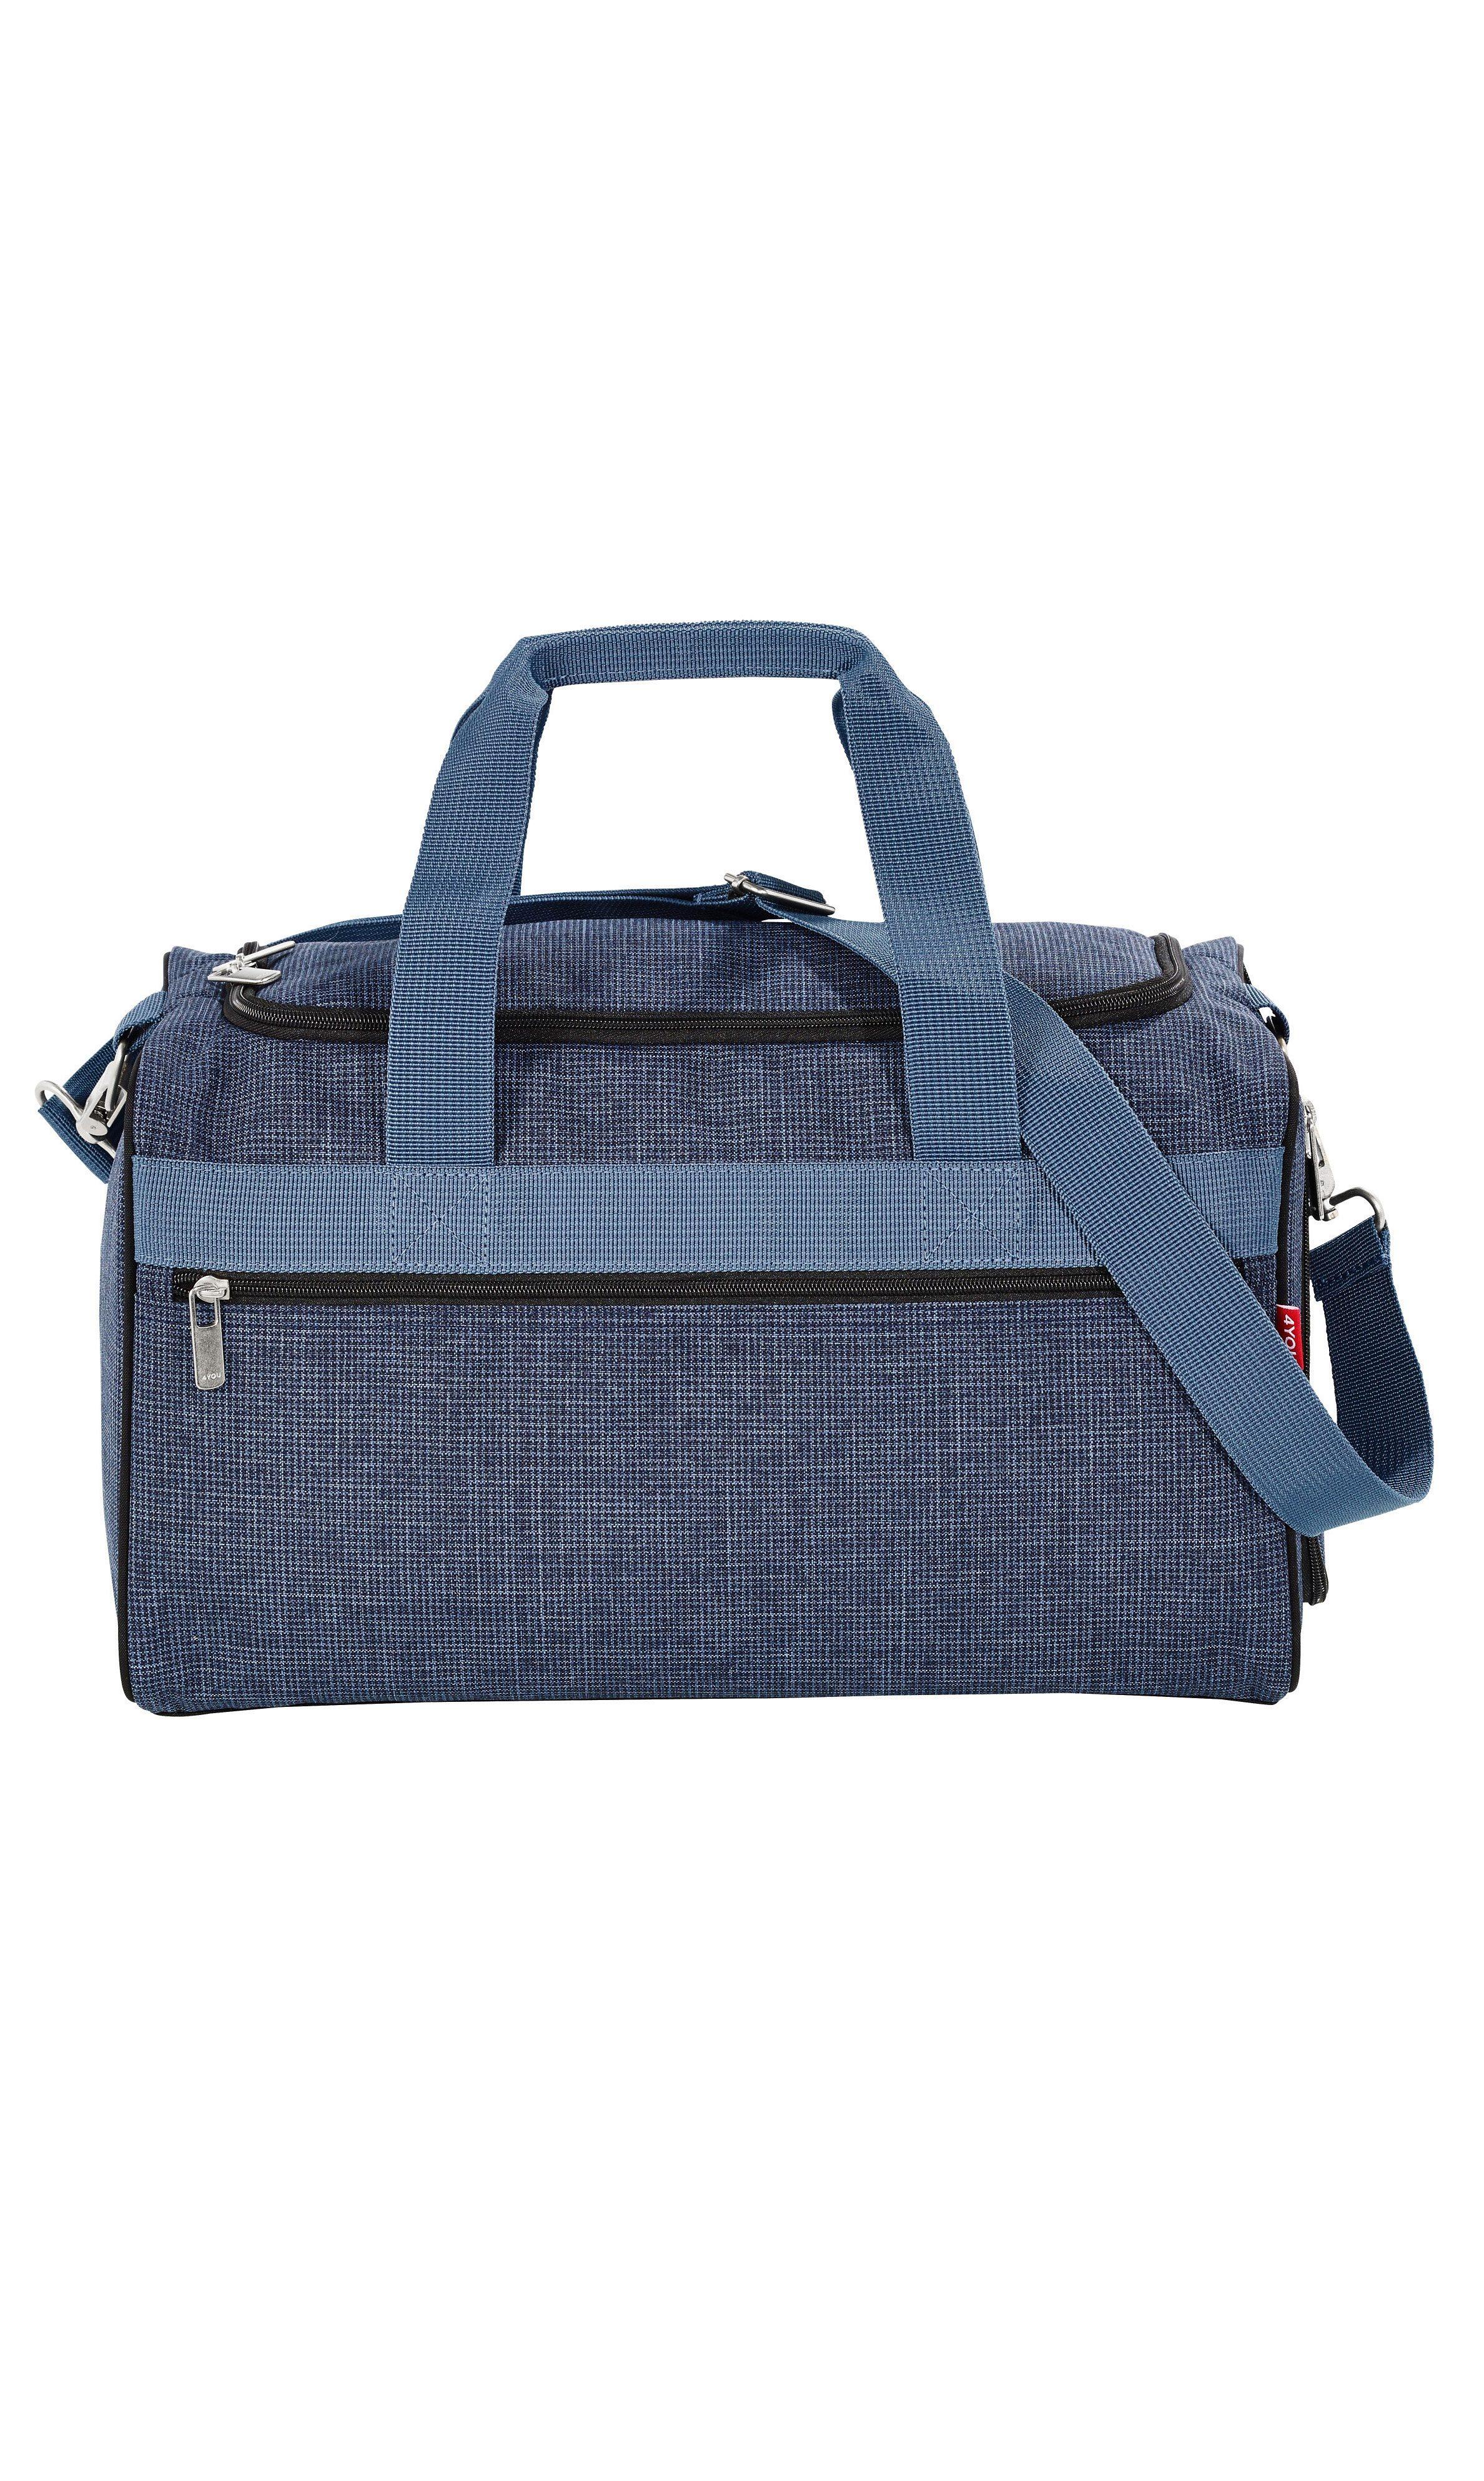 4YOU Freizeittasche, Pixel Blue, »Sporttasche M«